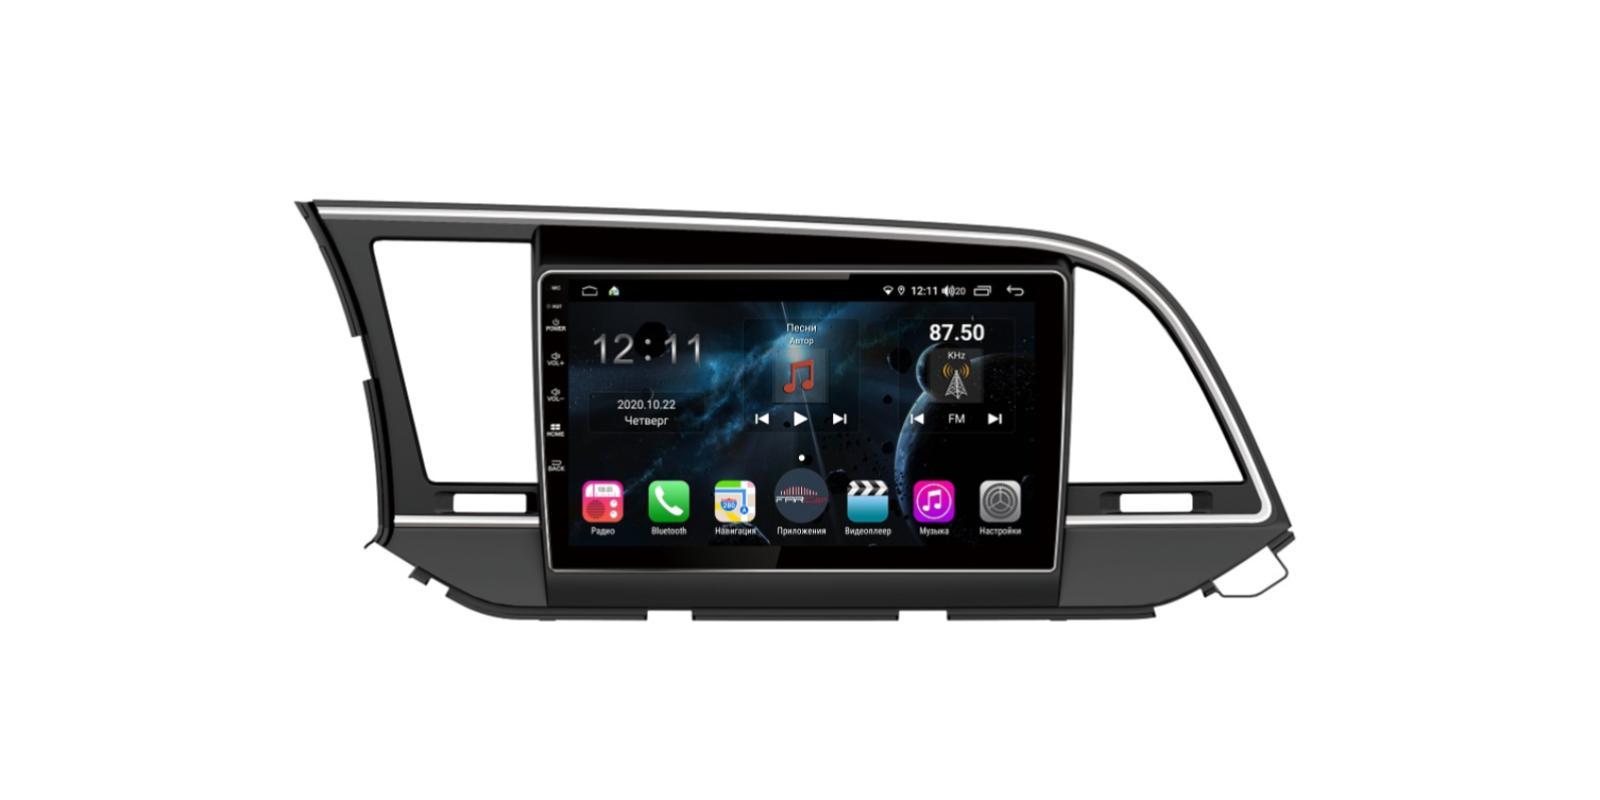 Штатная магнитола FarCar s400 для Hyundai Elantra на Android (TG581R) (+ Камера заднего вида в подарок!)